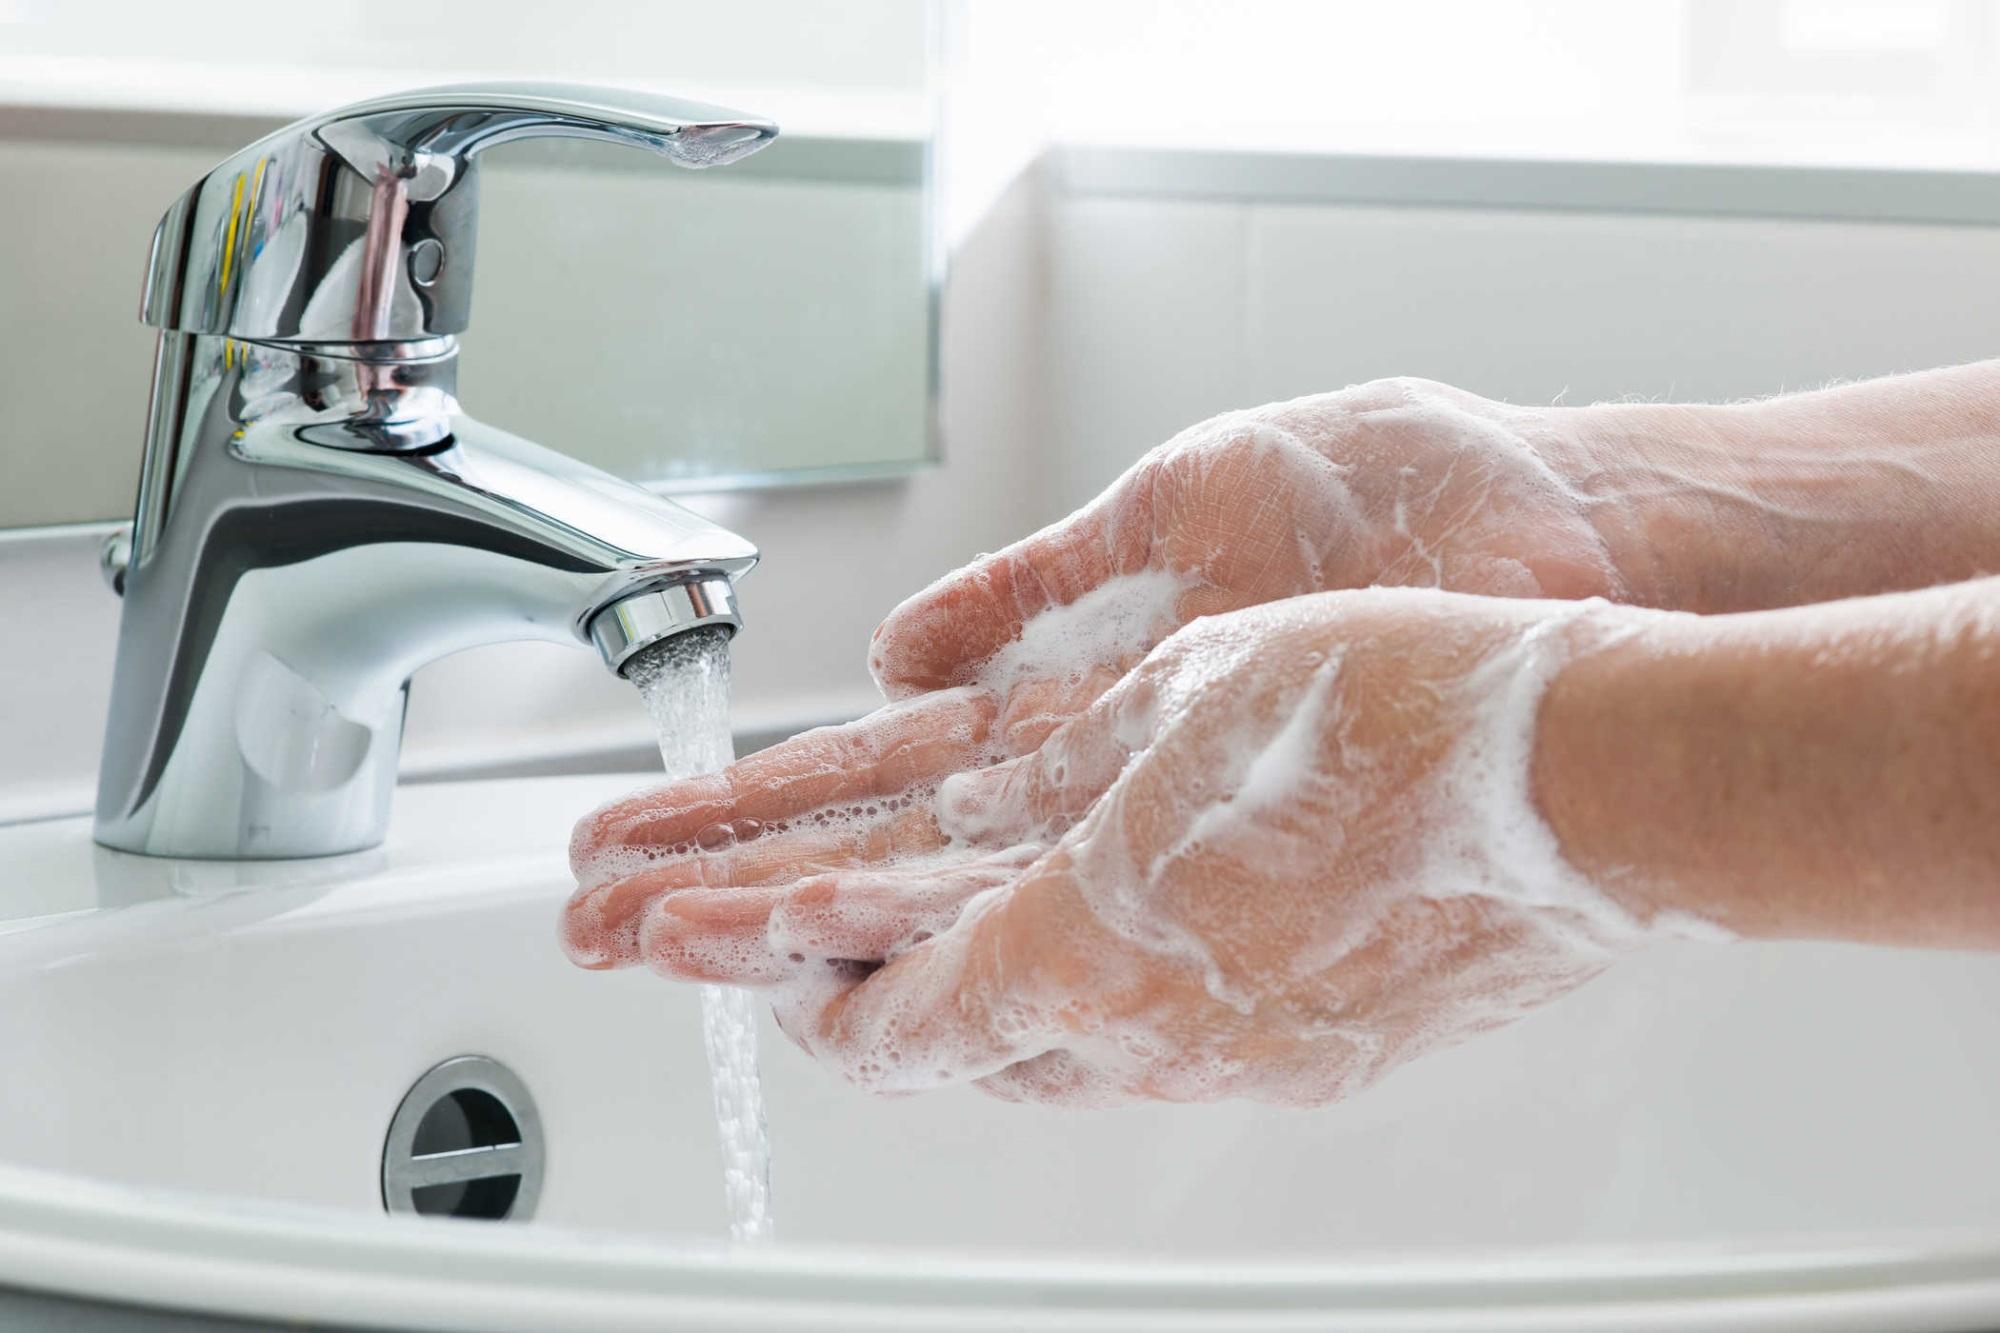 Dân văn phòng thường xuyên mắc cảm cúm vì cứ duy trì những thói quen tại hại này - Ảnh 3